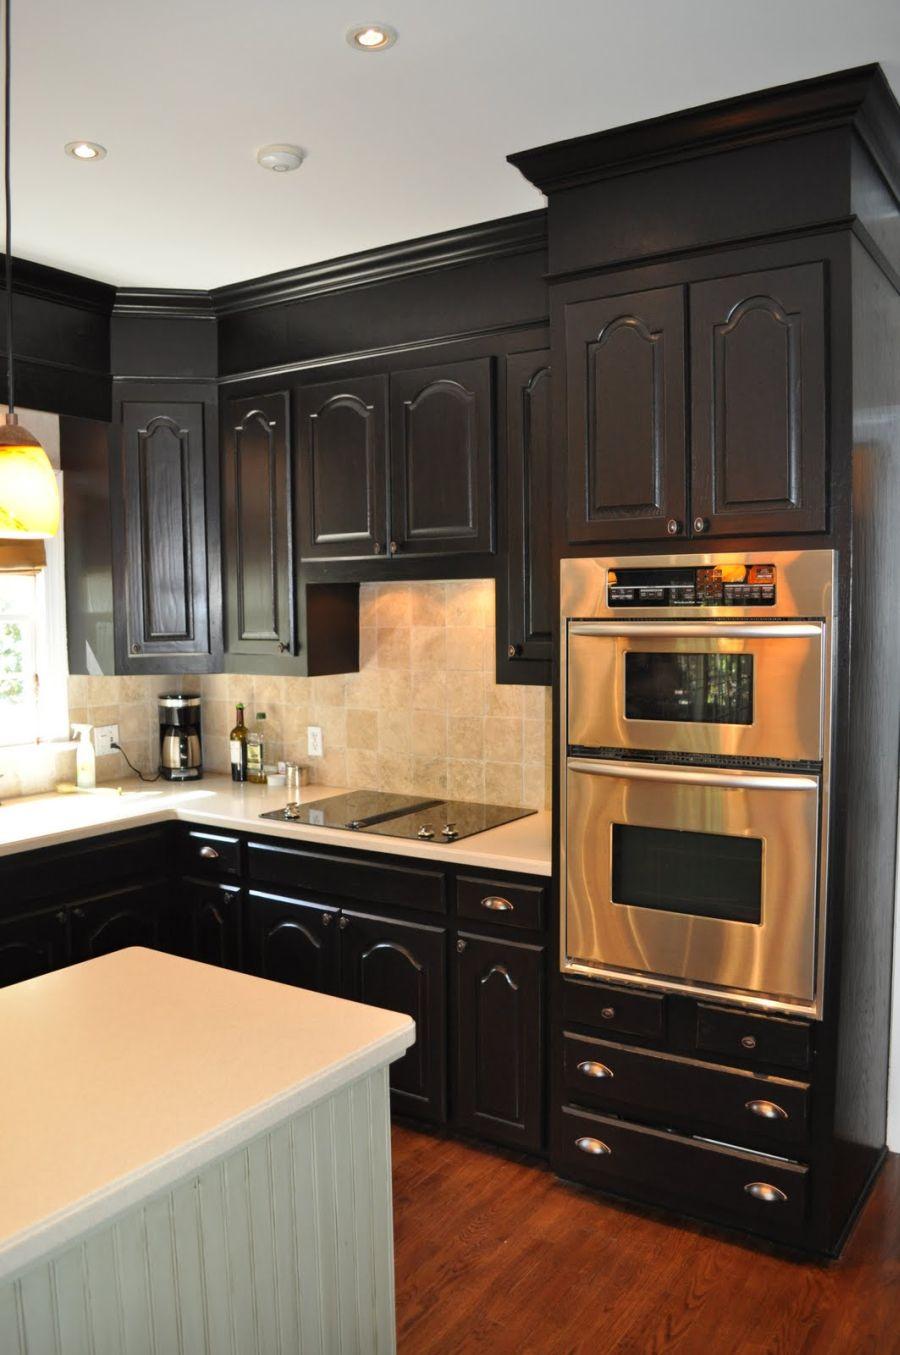 armoires-de-cuisine-noires-soffites